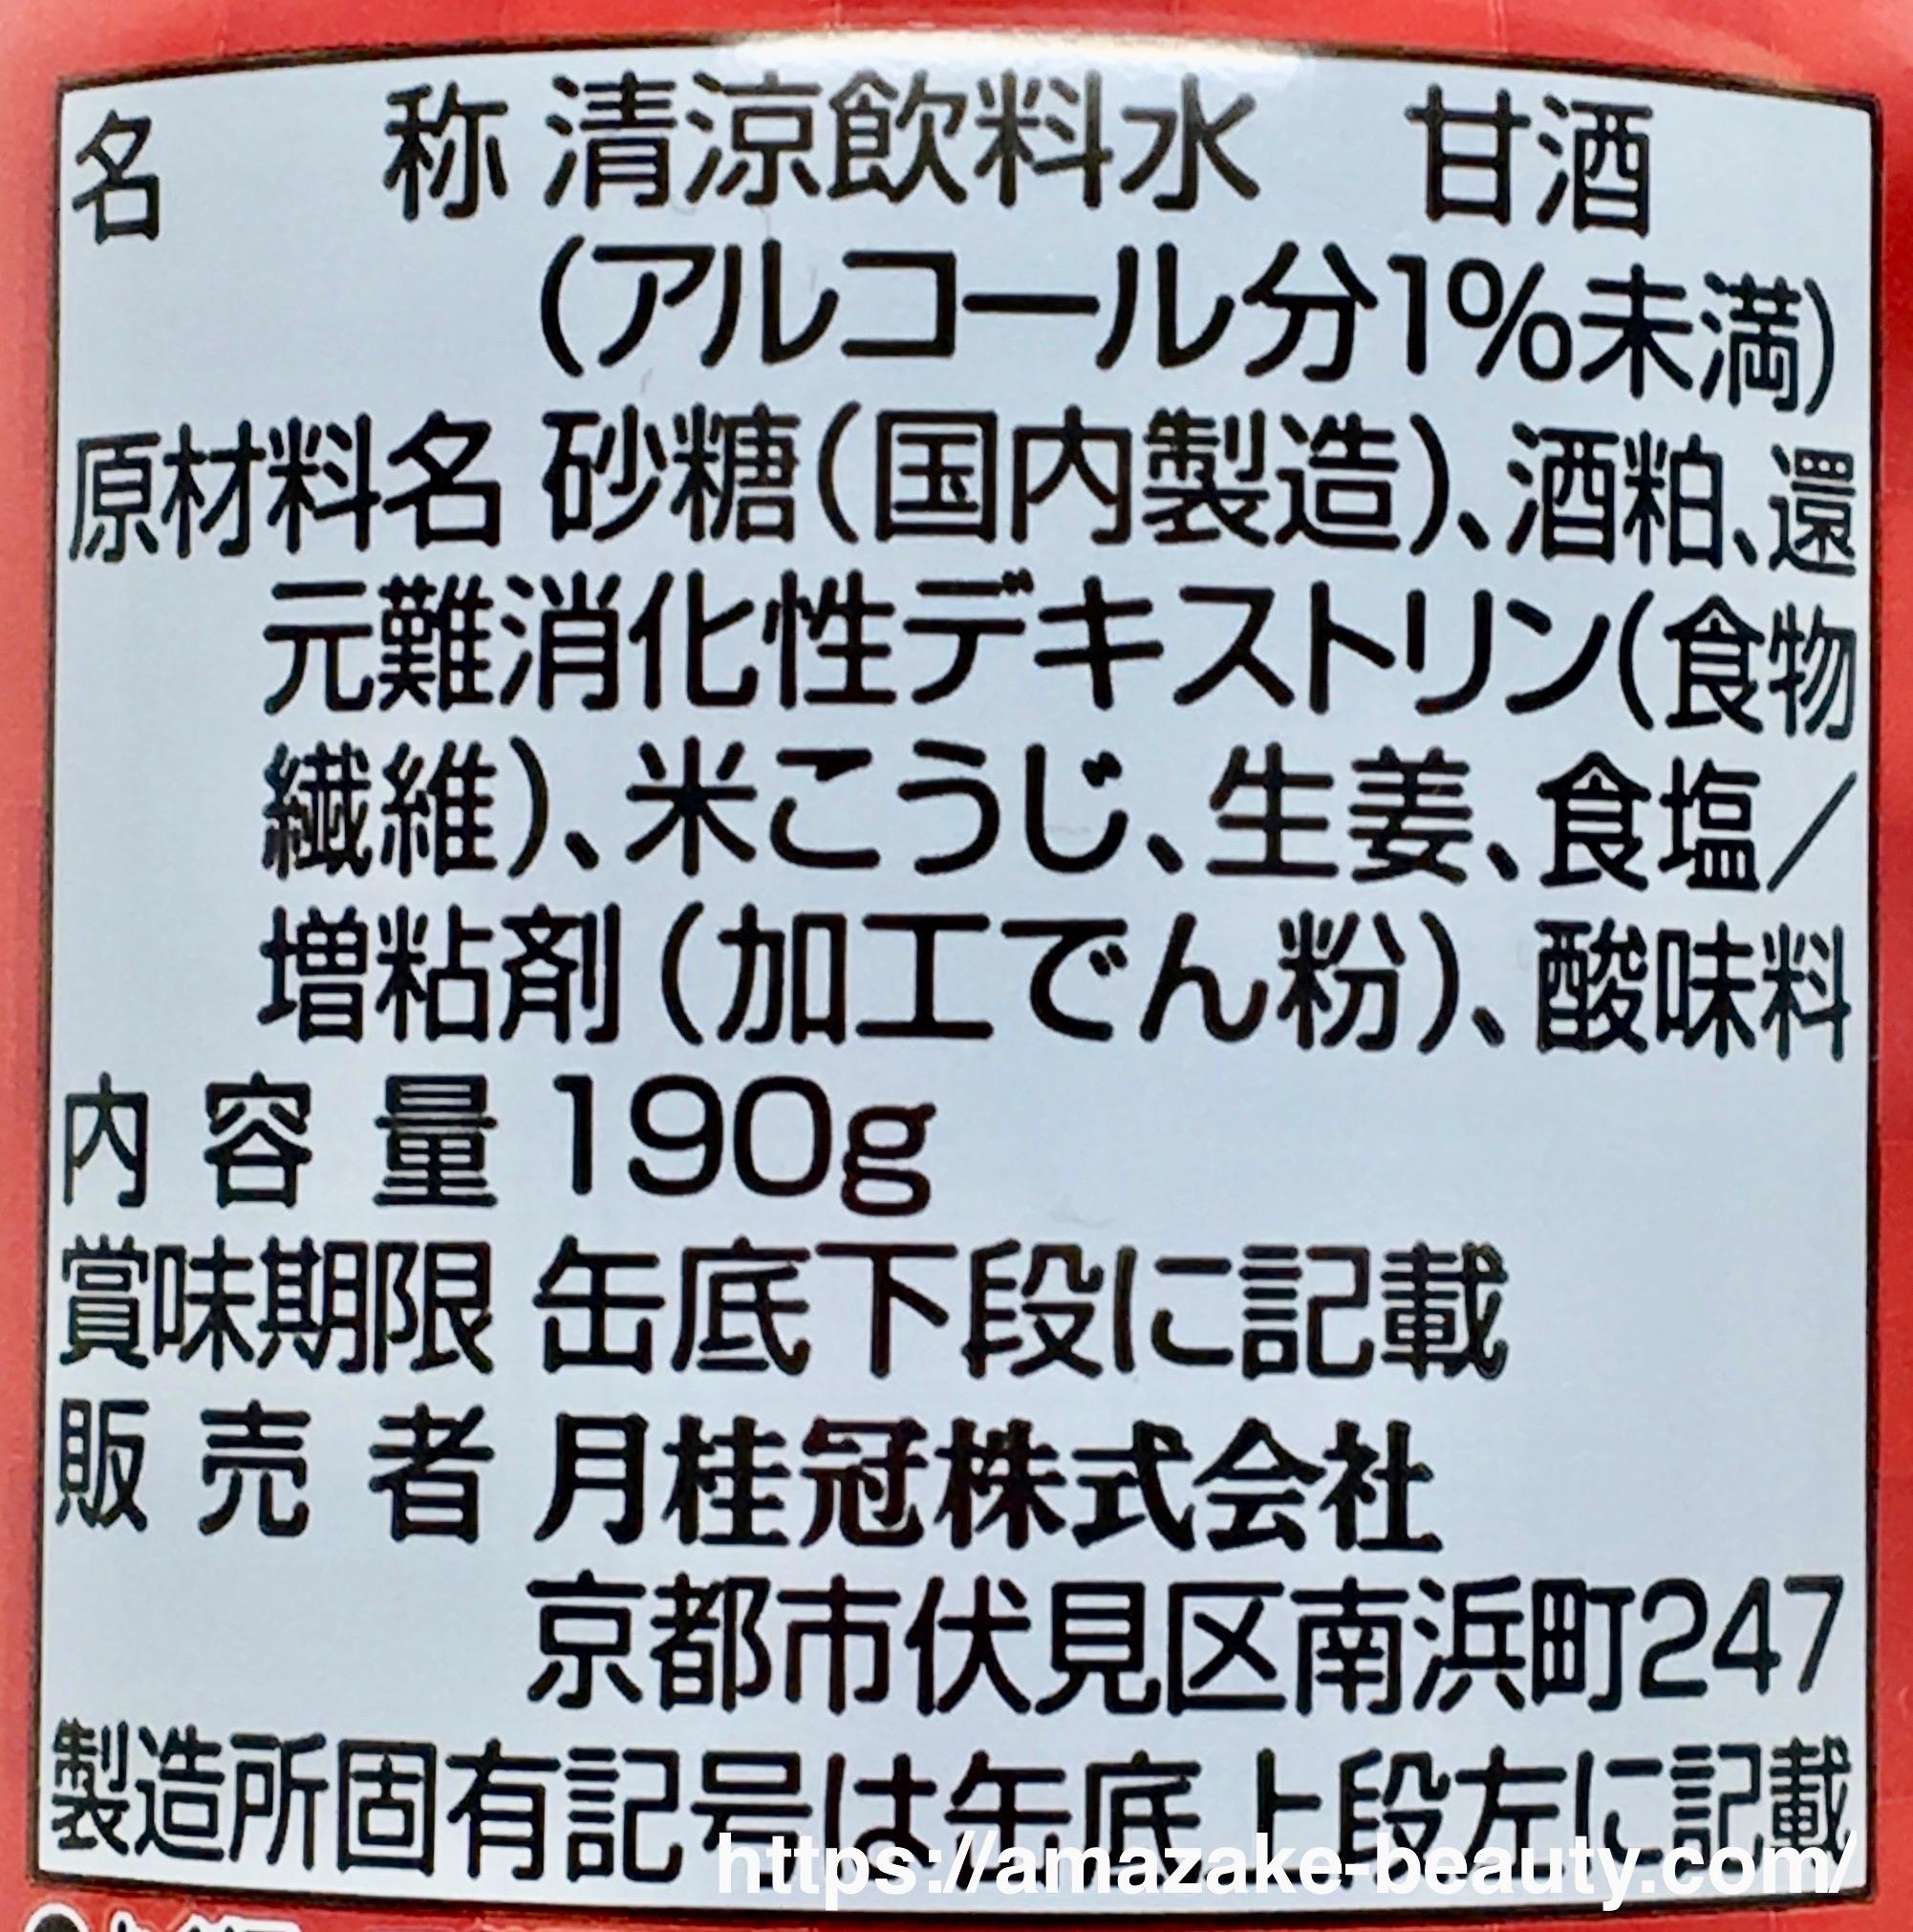 【甘酒】月桂冠『甘酒(生姜)』(商品情報)